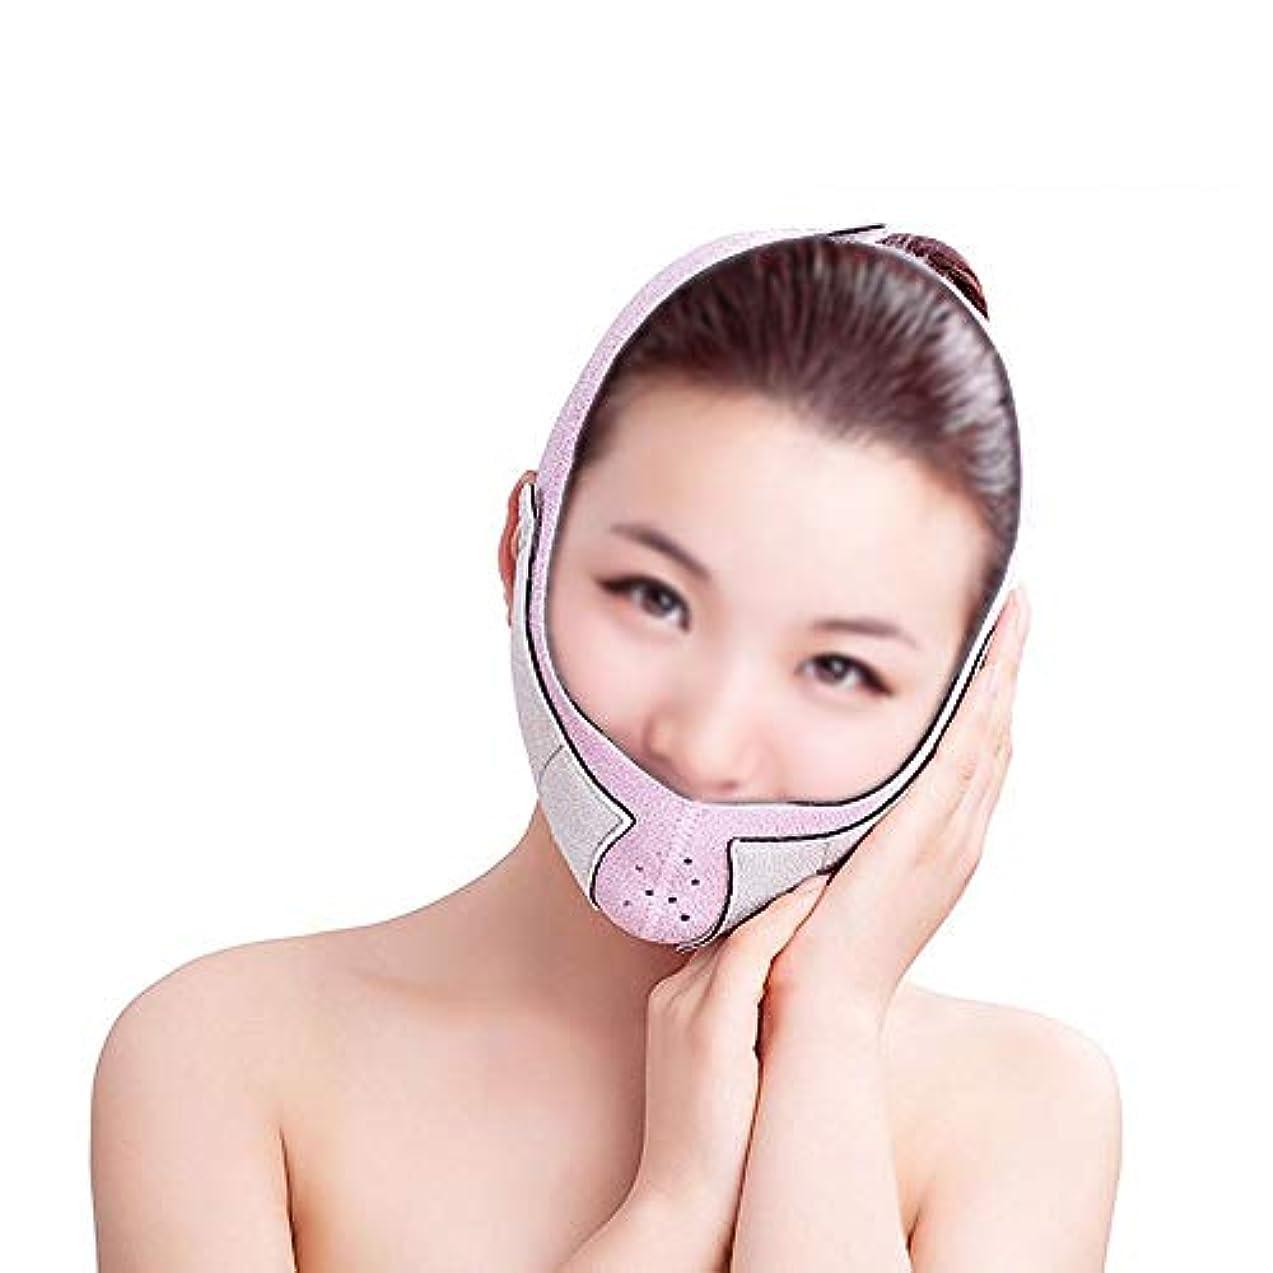 タヒチインタビュー内訳XHLMRMJ フェイスリフトマスク、痩身ベルト薄いフェイスマスク強力な持ち上げ小さなV顔薄い顔包帯美容フェイスリフティングデバイス